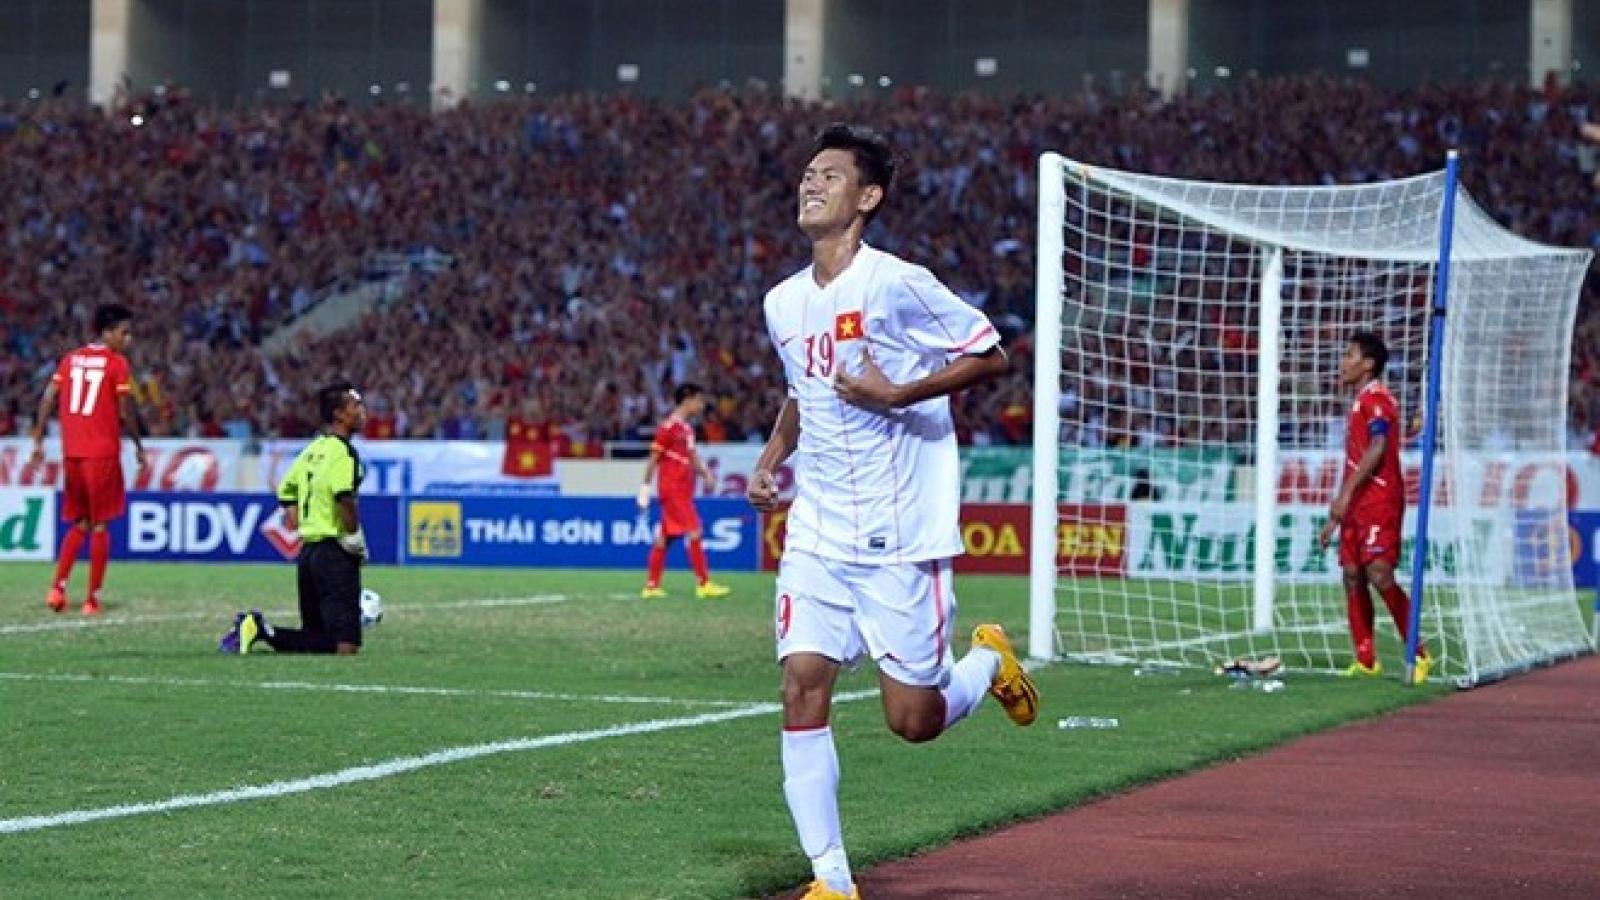 VIDEO: Phan Văn Long ghi bàn thắng để đời trong màu áo U19 Việt Nam